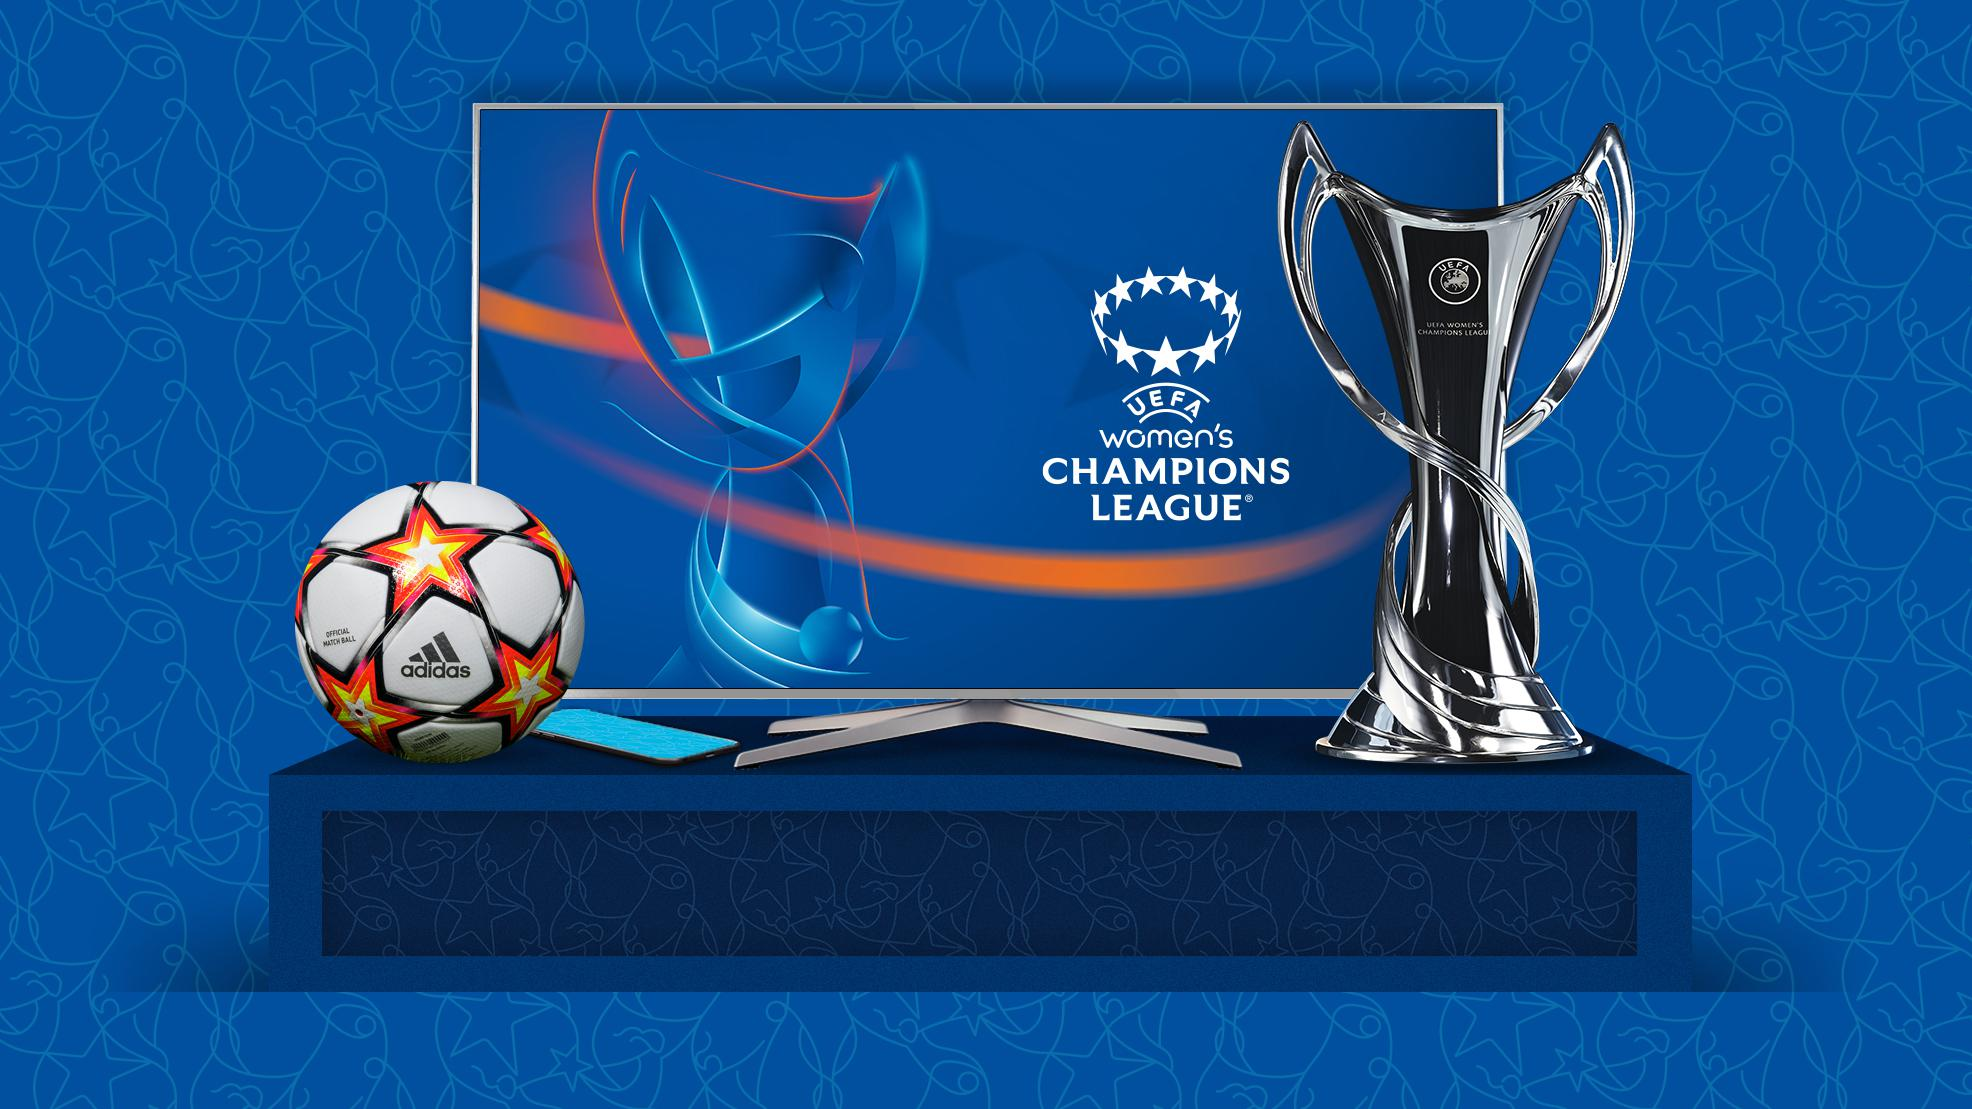 Champions League Feminina | Foto: Divulgação / WCL